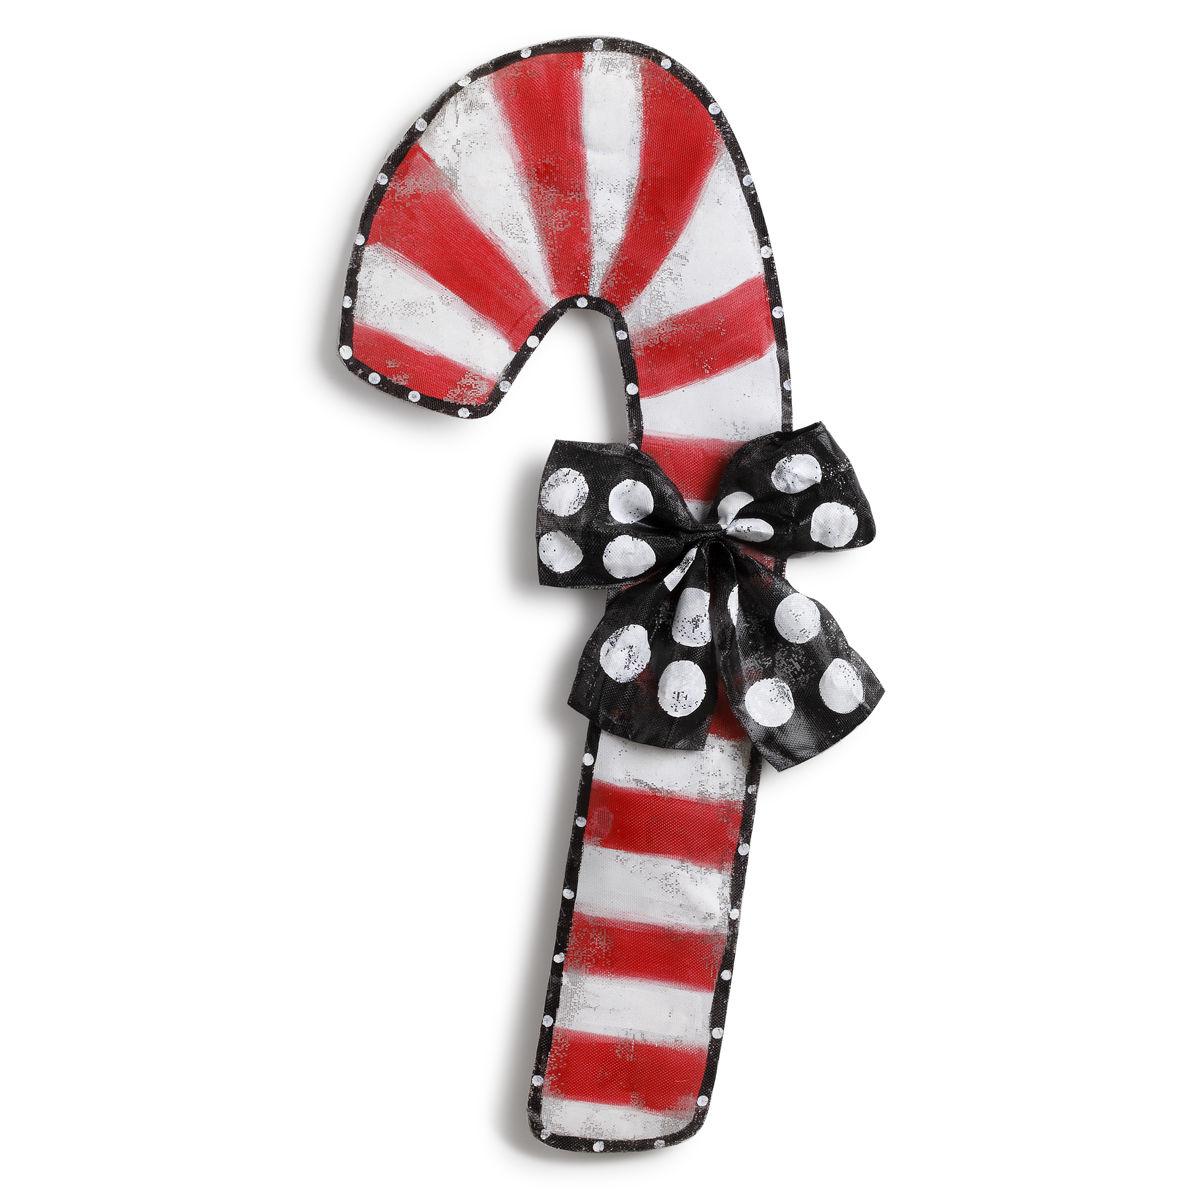 Candy Cane Door Hanger Artisans Decorative Accessories